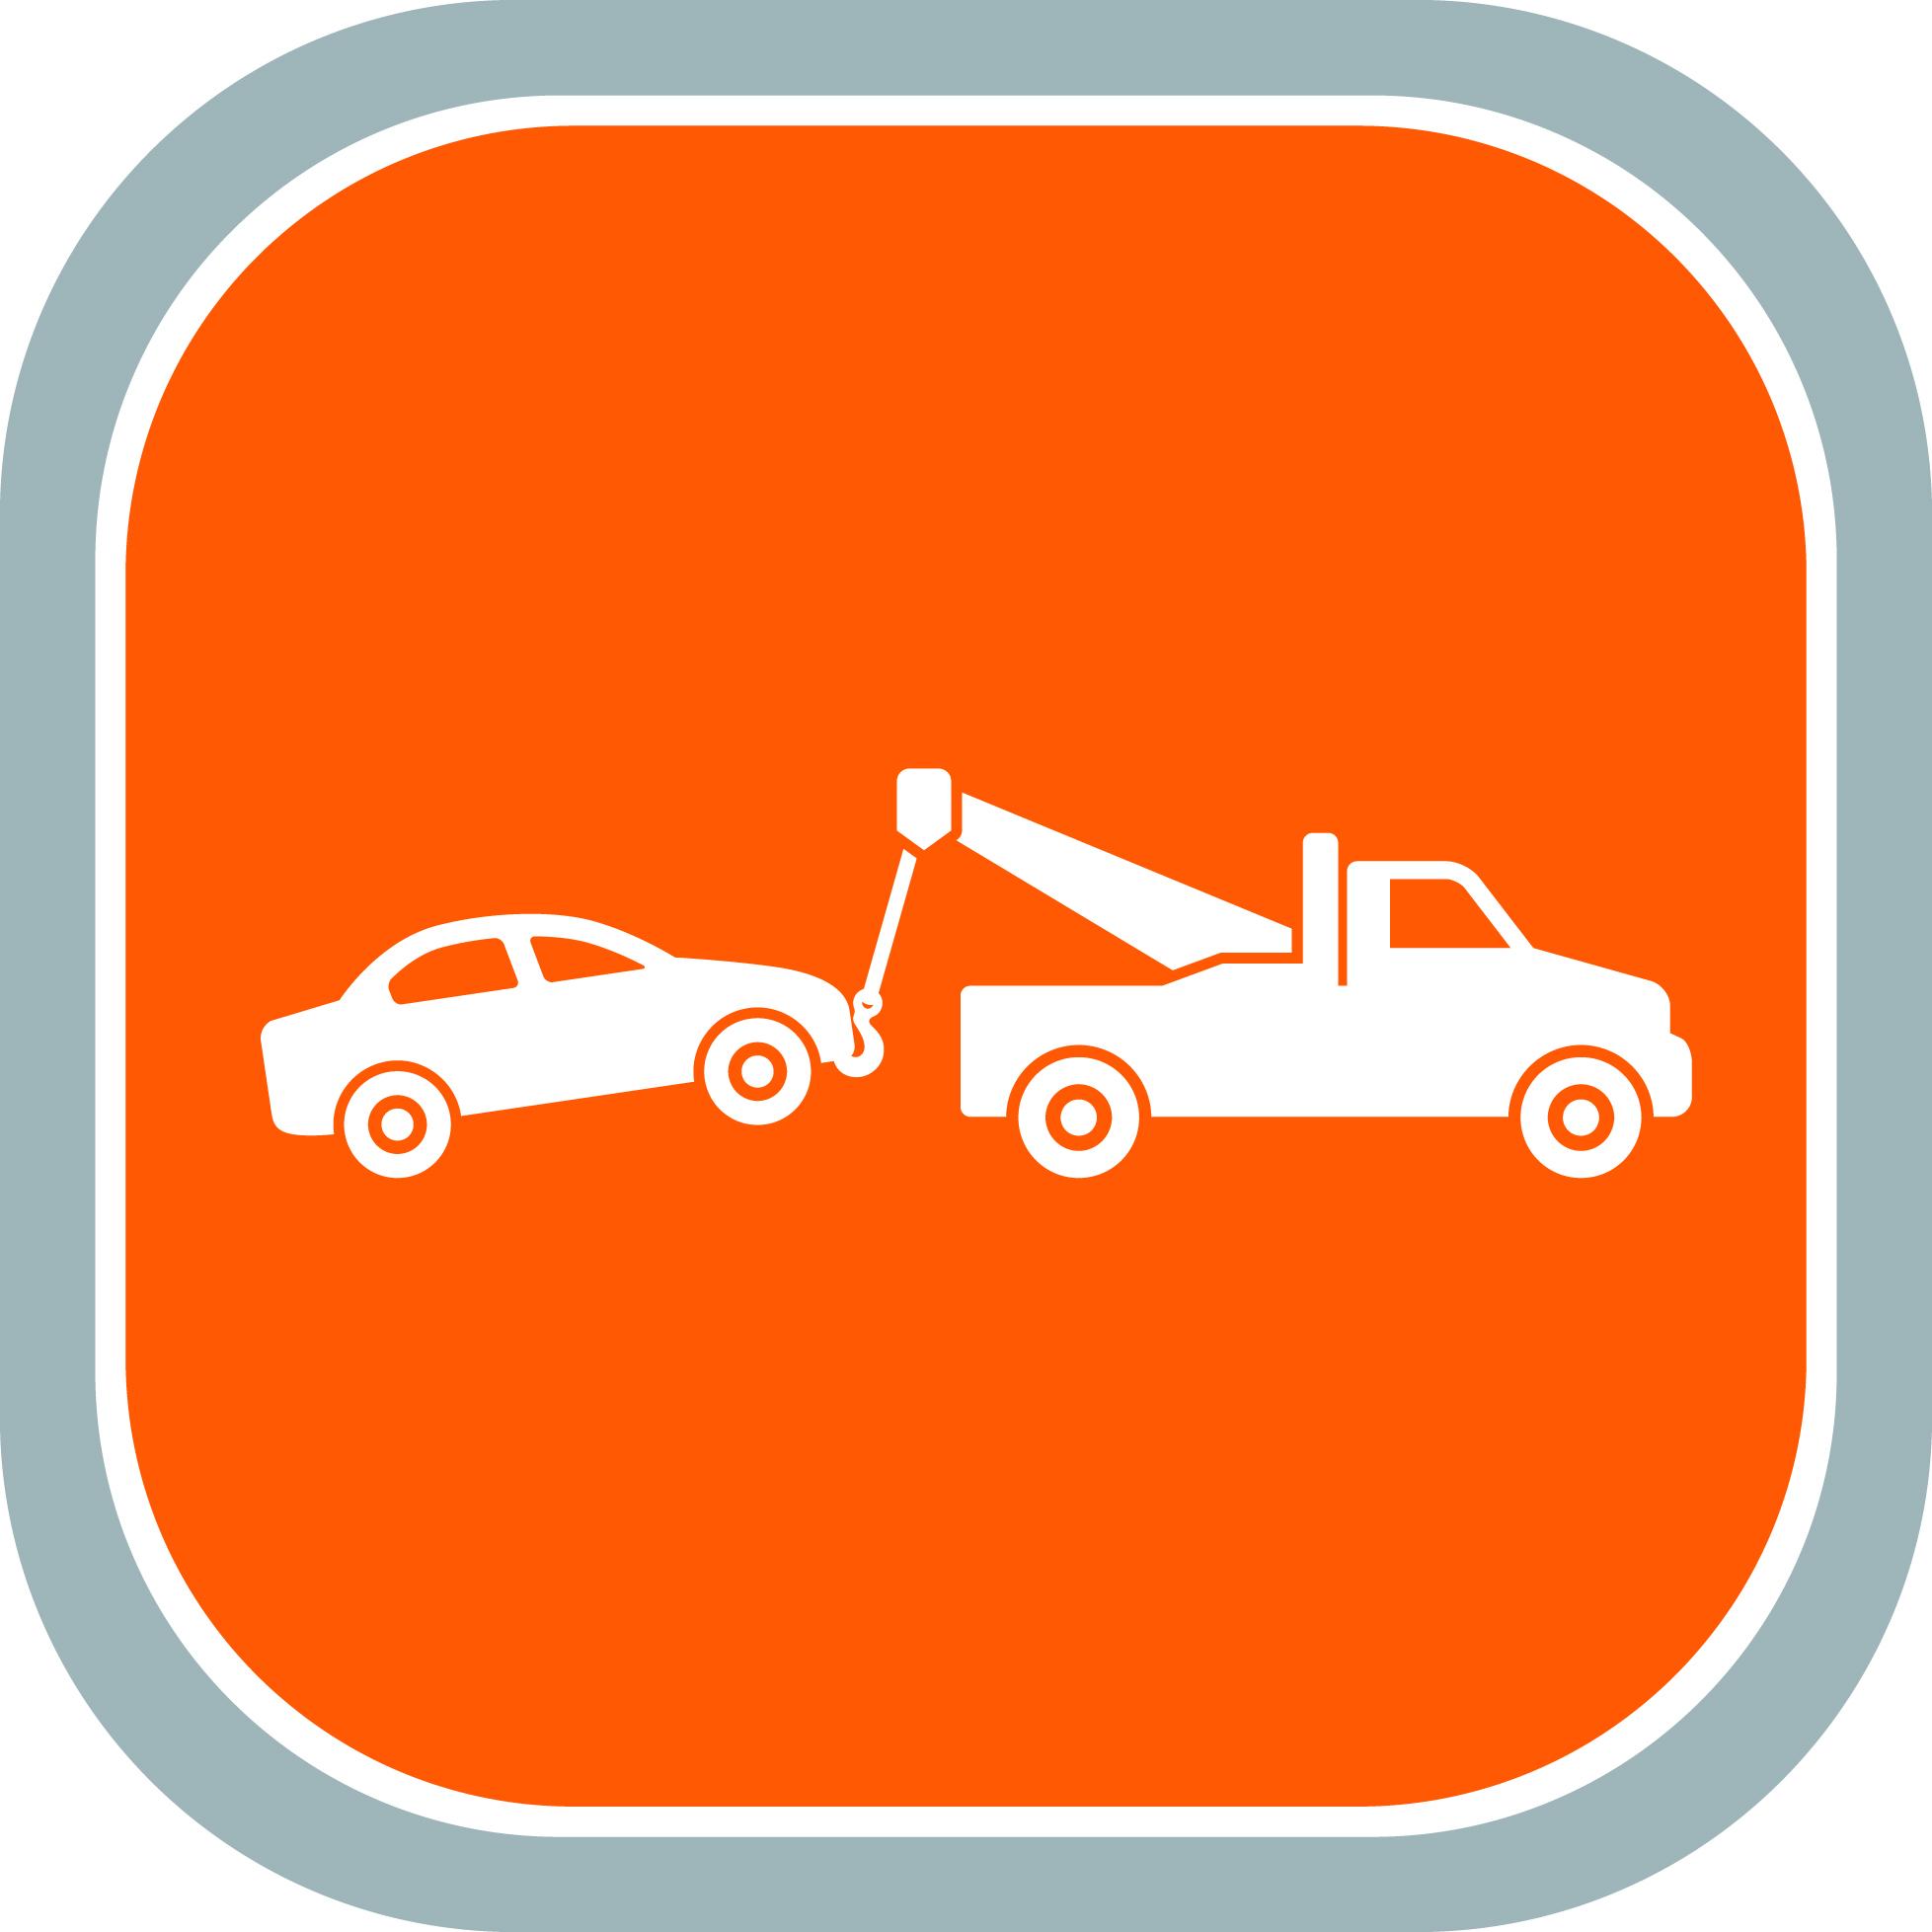 Poistne udalosti logo